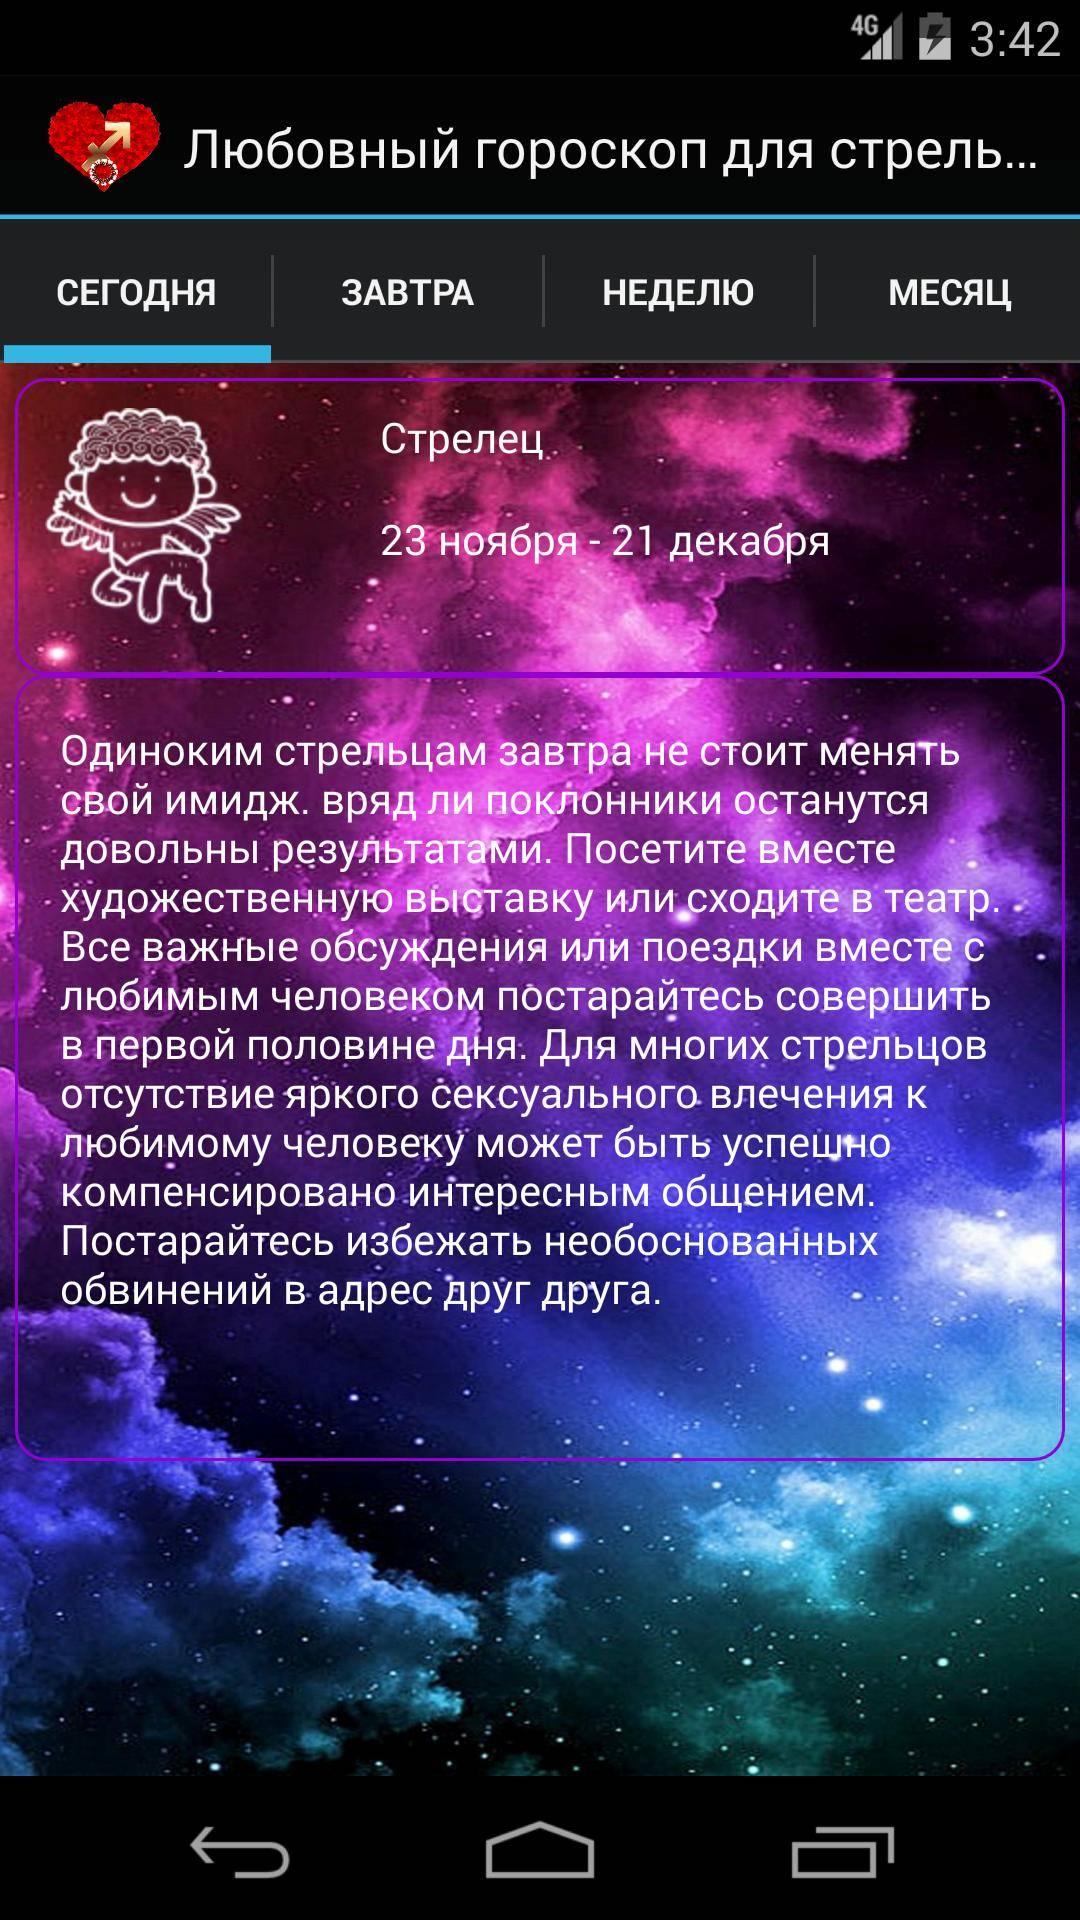 Романтический гороскоп на 2014 год: в поисках любви